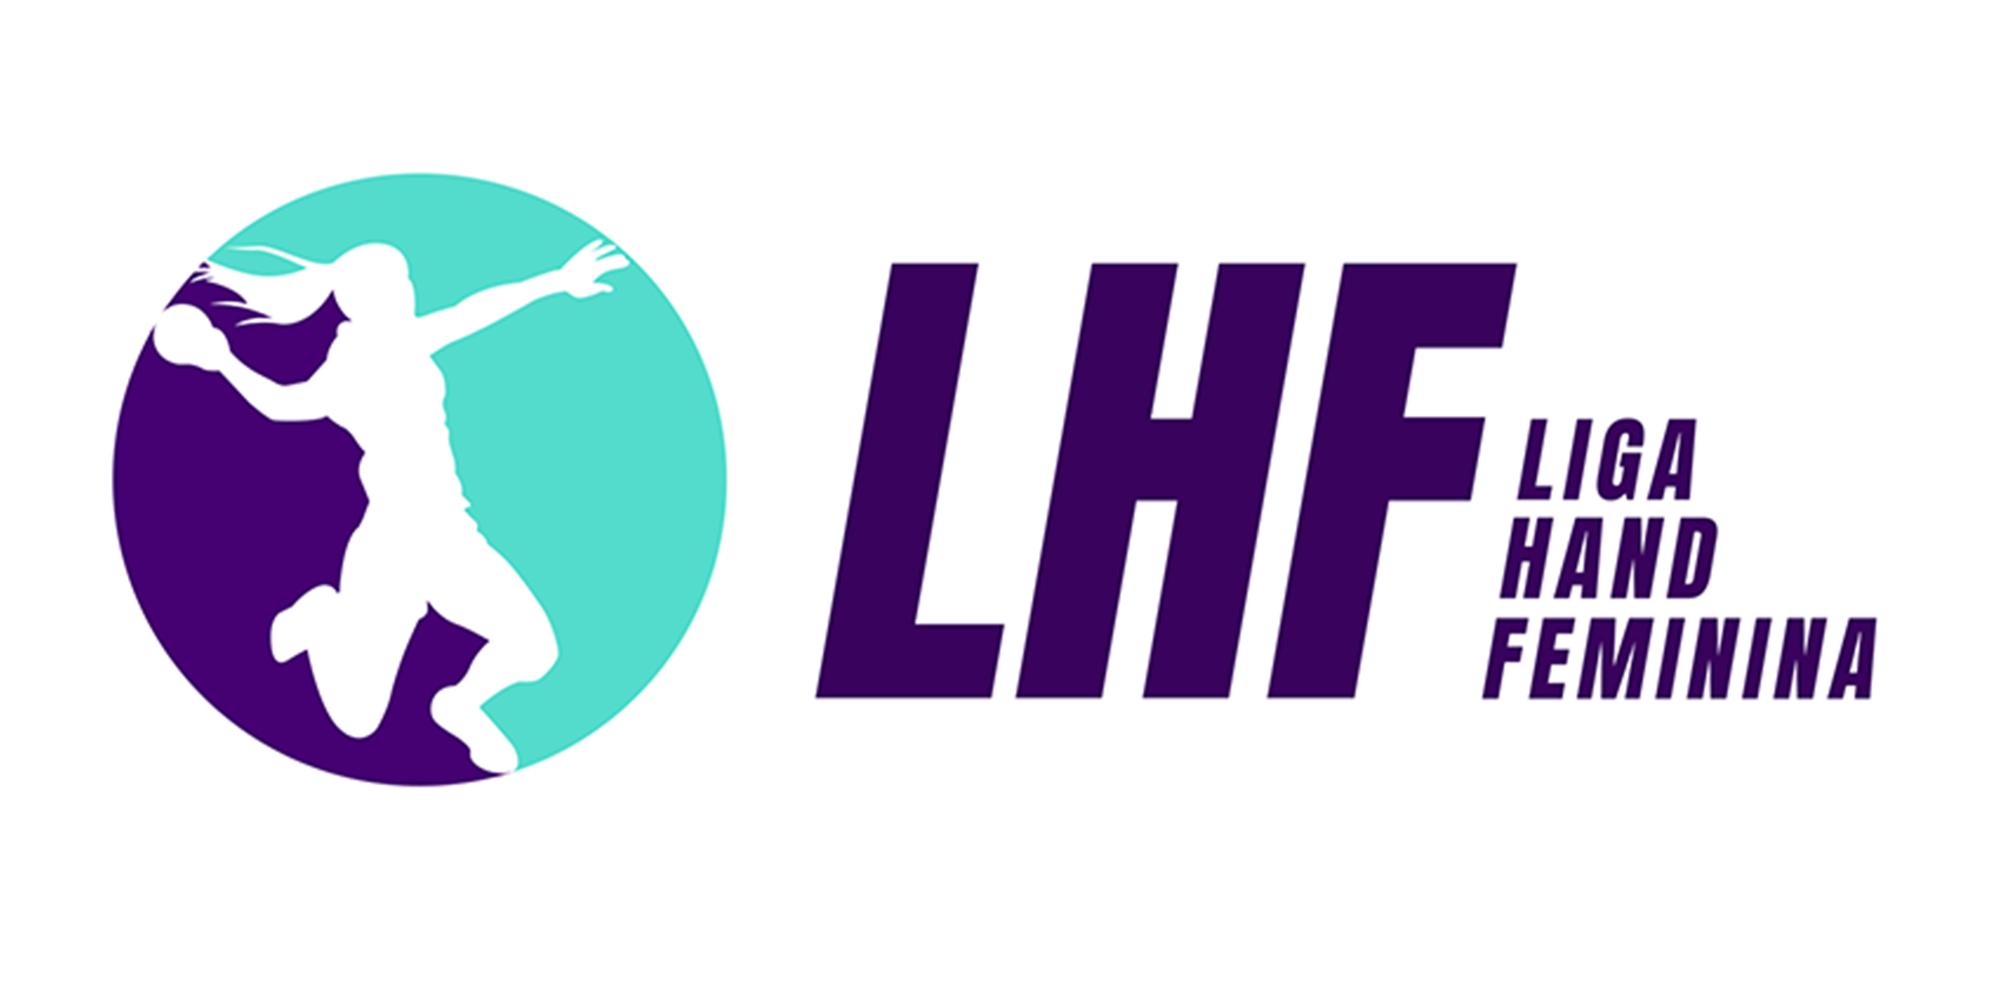 Primeira edição da Liga Hand Feminina é cancelada